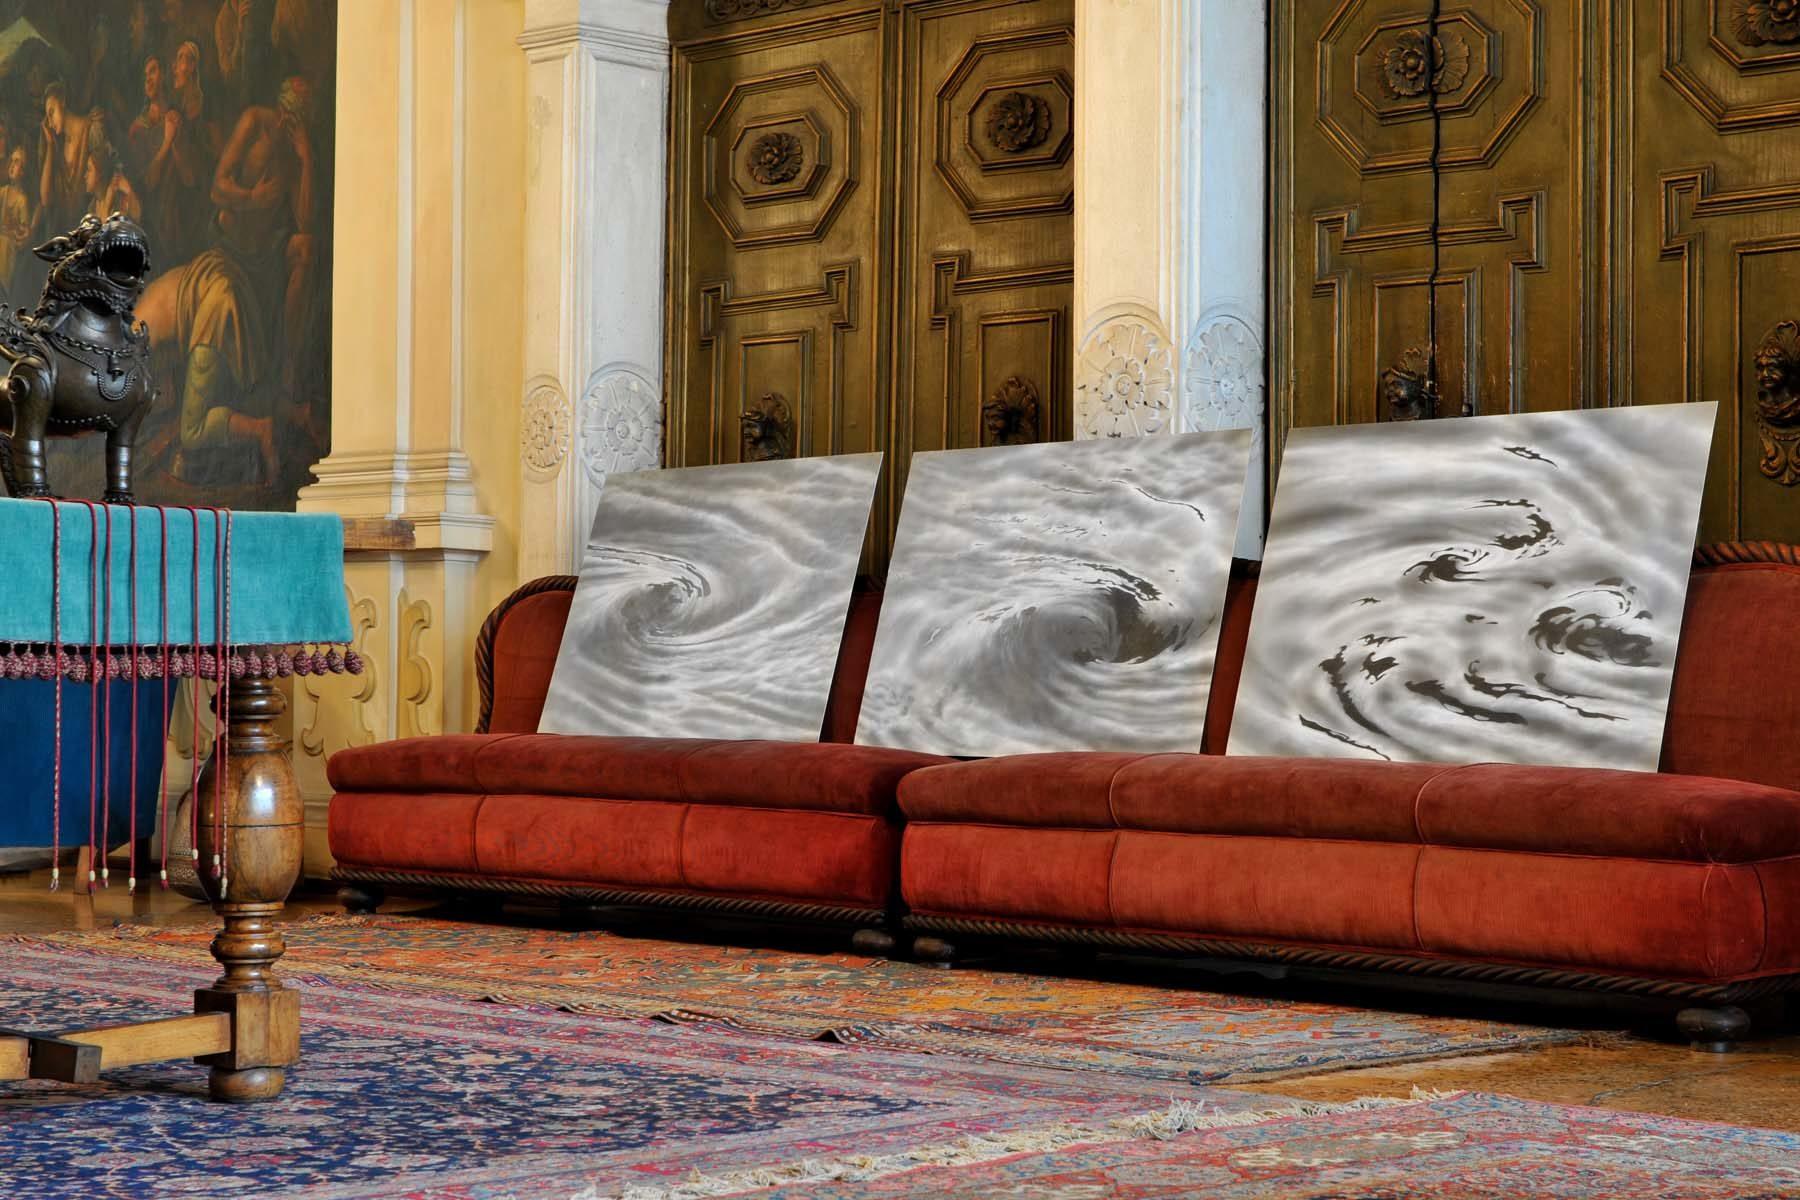 Serse, Vortice – Assenzio, 2008, grafite su carta su alluminio, ciascuno 70 x 100 cm, ph. U. Egger